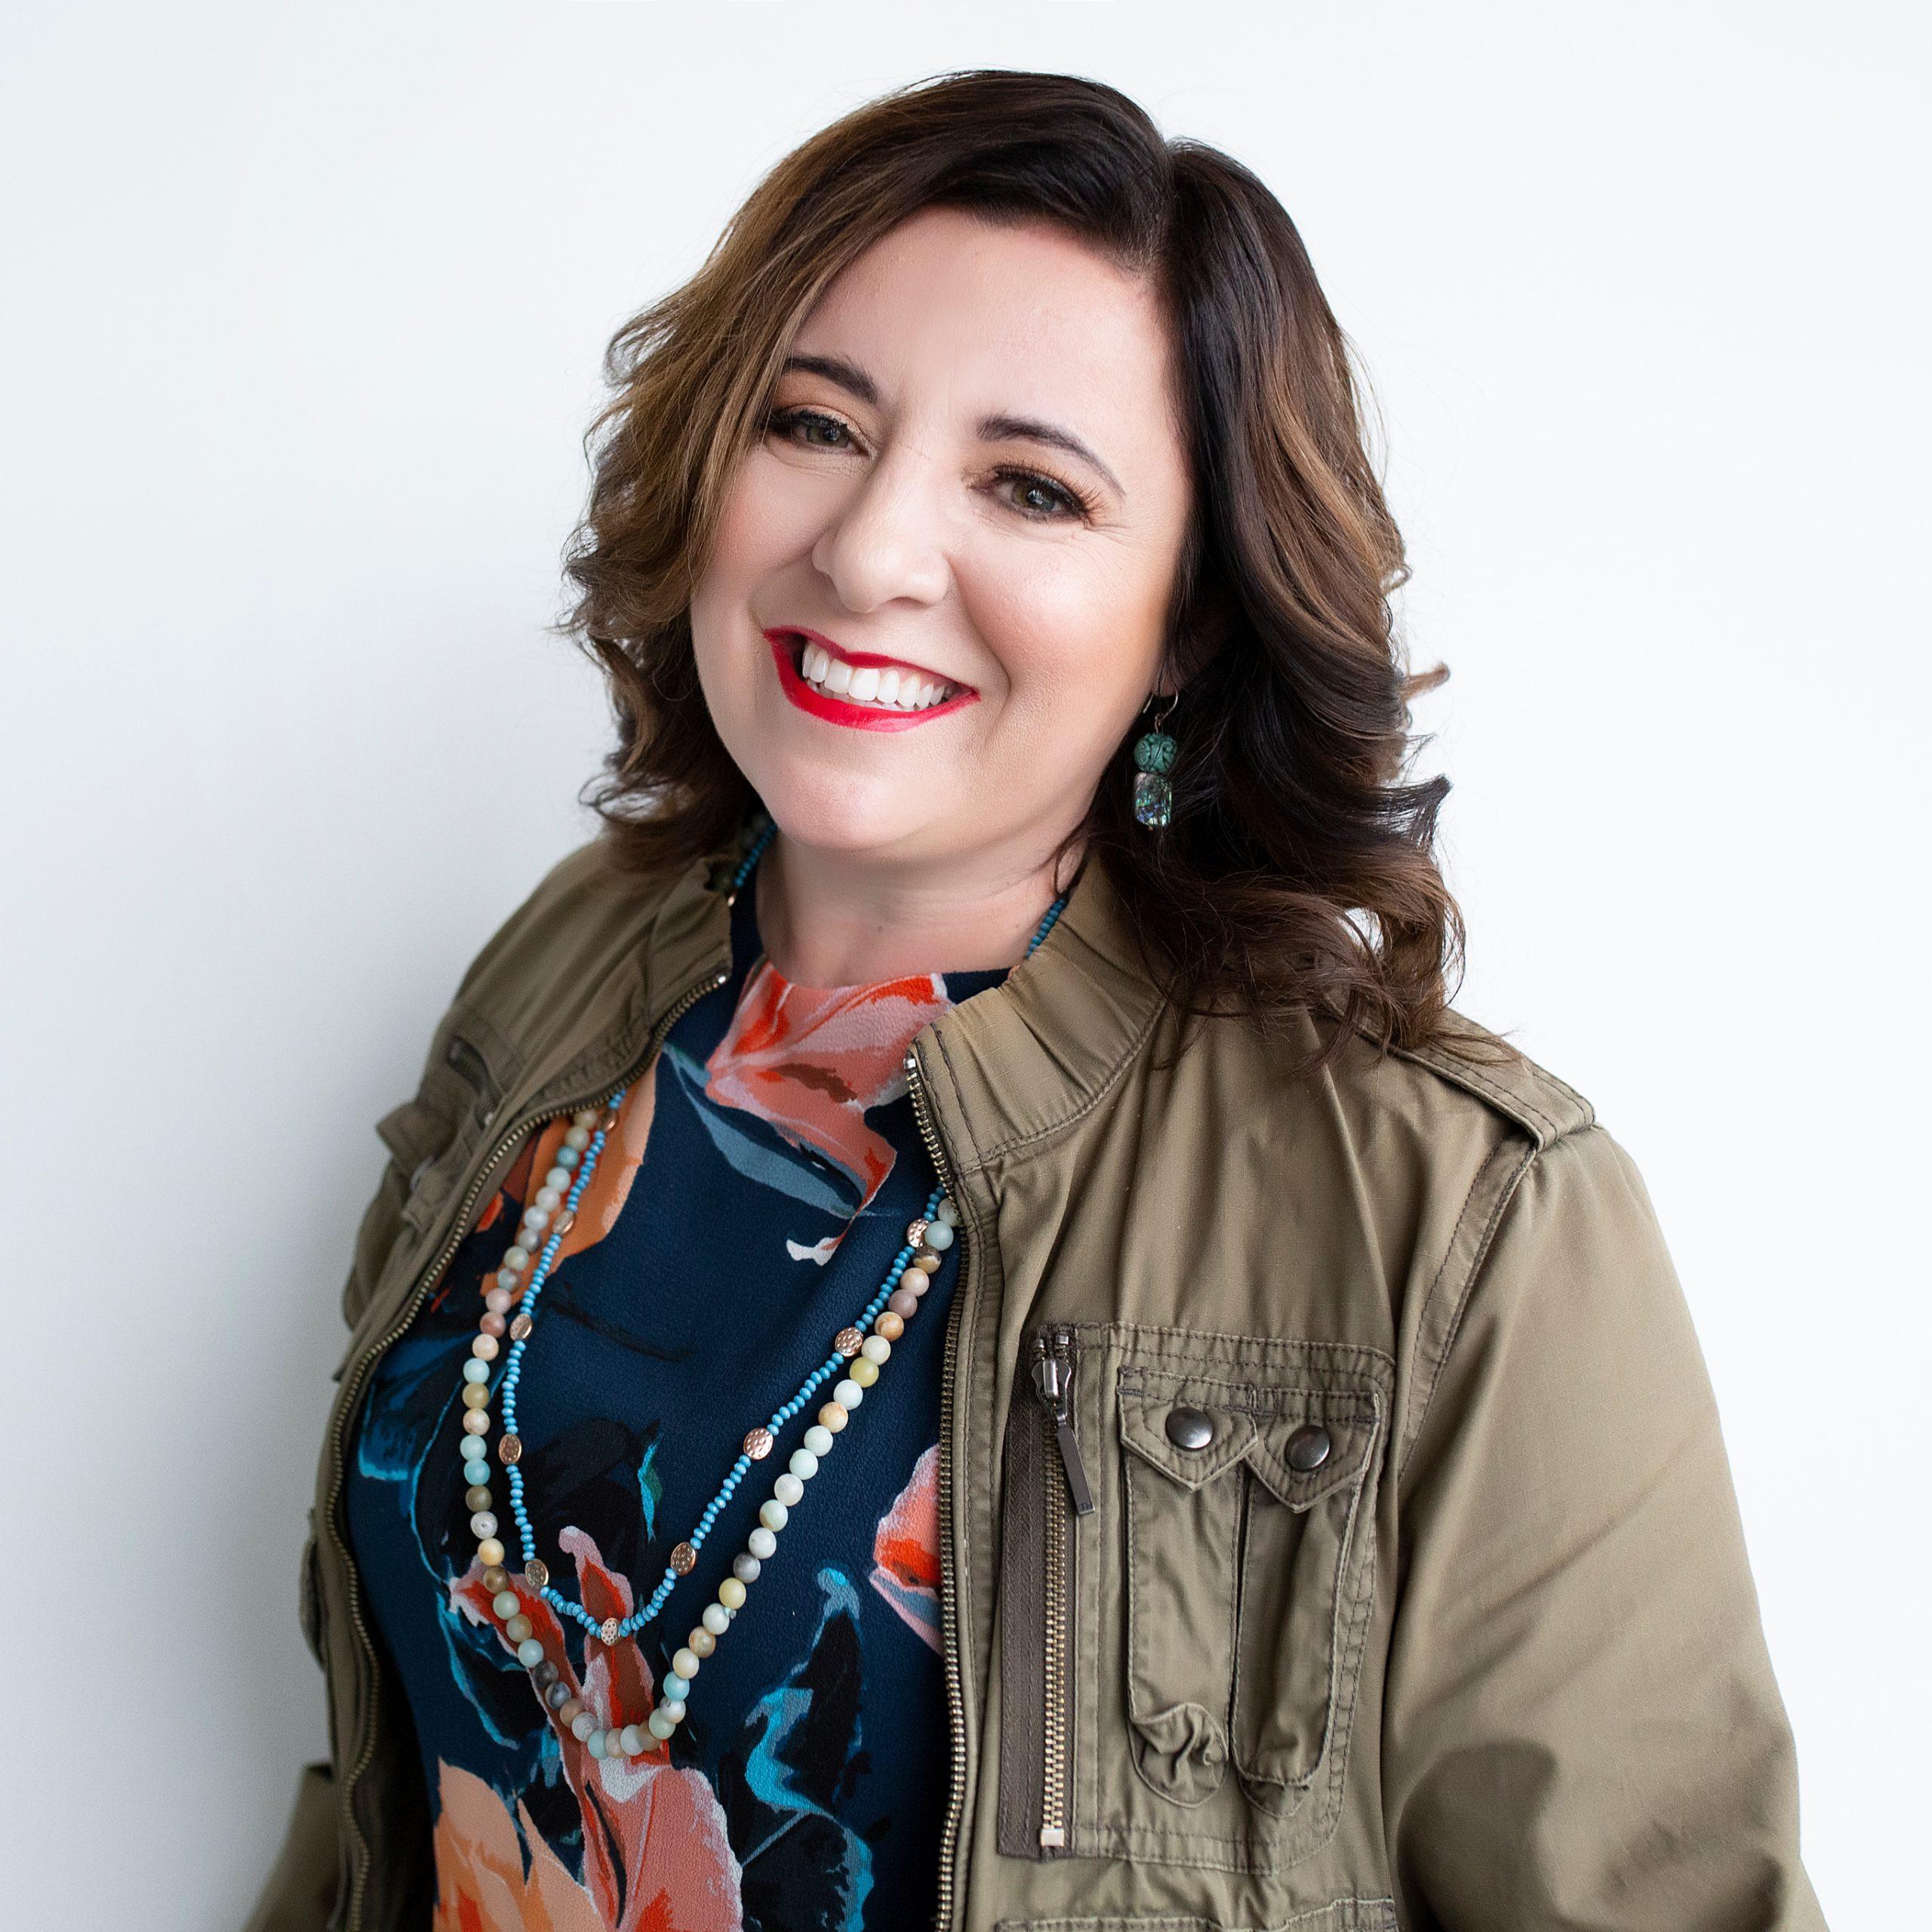 Renee Hribar, Sales Strategist & Speaker